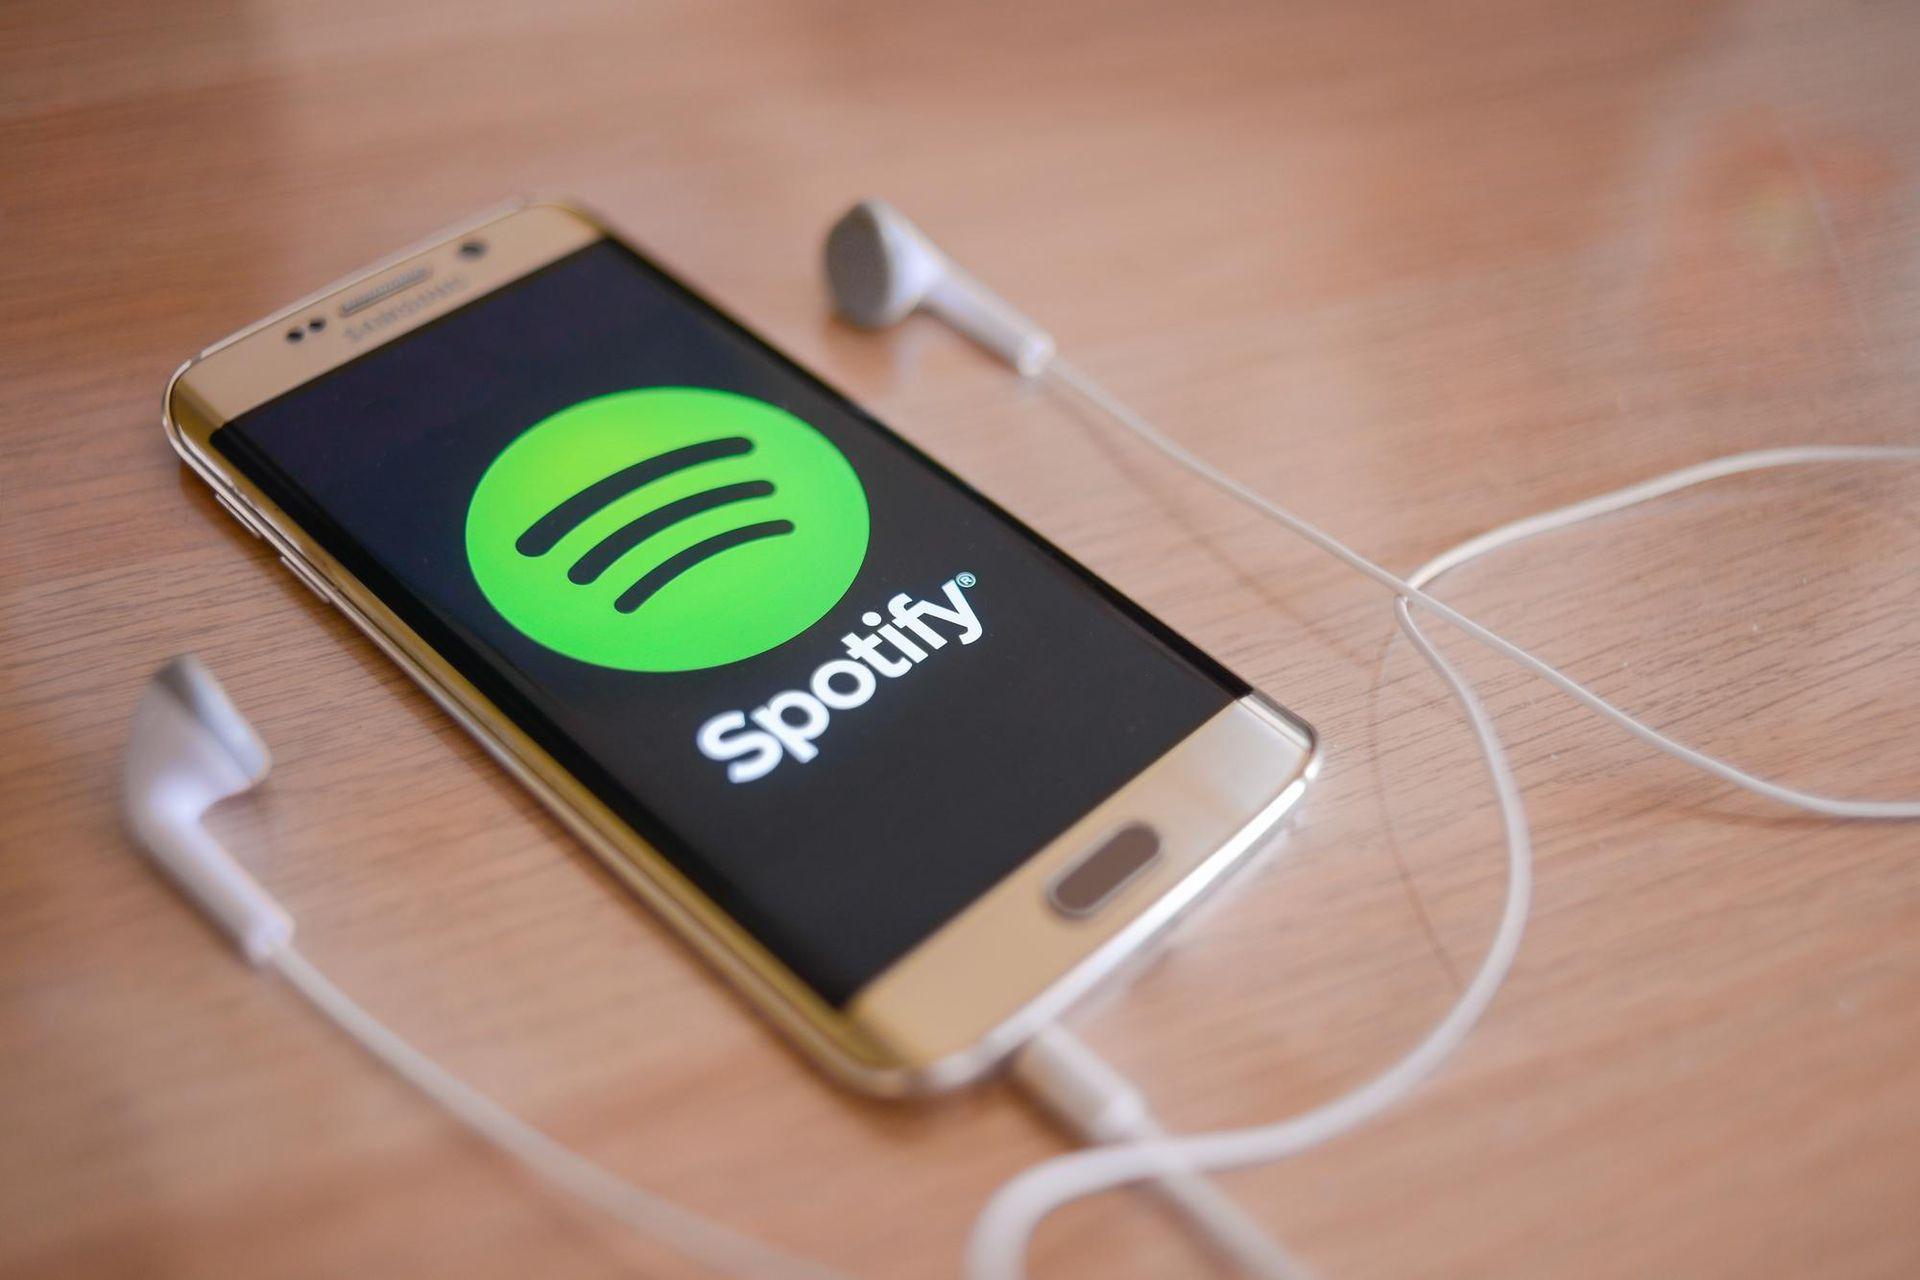 Un usuario de Bulgaria creo 1200 cuentas para escuchar en loop listados de canciones que le reportaban ganancias. No pudo ser penado.